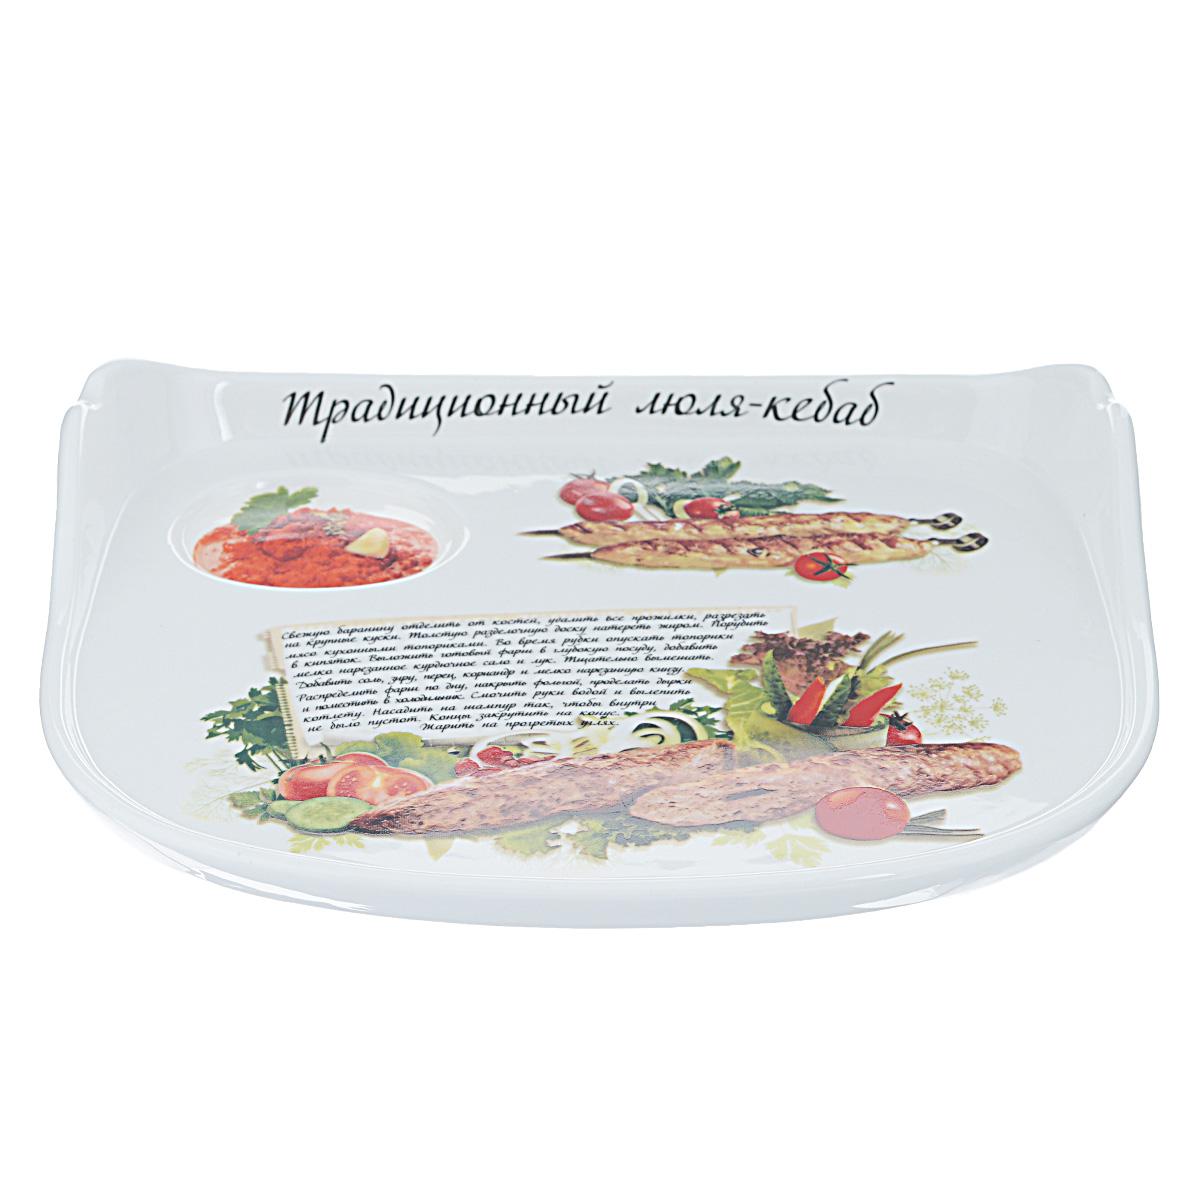 Блюдо LarangE Традиционный люля-кебаб, цвет: белый, 24,5 х 19,5 см589-316Блюдо LarangE Традиционный люля-кебаб, выполненное из высококачественной керамики, предназначено для красивой сервировки шашлыка. Блюдо оснащено удобными ручками и специальным отверстием под соус. Блюдо декорировано надписью Традиционный люля-кебаб и его изображением. Кроме того, для упрощения процесса приготовления прямо на блюде написан рецепт и нарисованы необходимые продукты. Блюдо LarangE Традиционный люля-кебаб украсит ваш праздничный стол, а оригинальное исполнение понравится любой хозяйке.Размер блюда: 24,5 см х 19,5 см х 1 см.